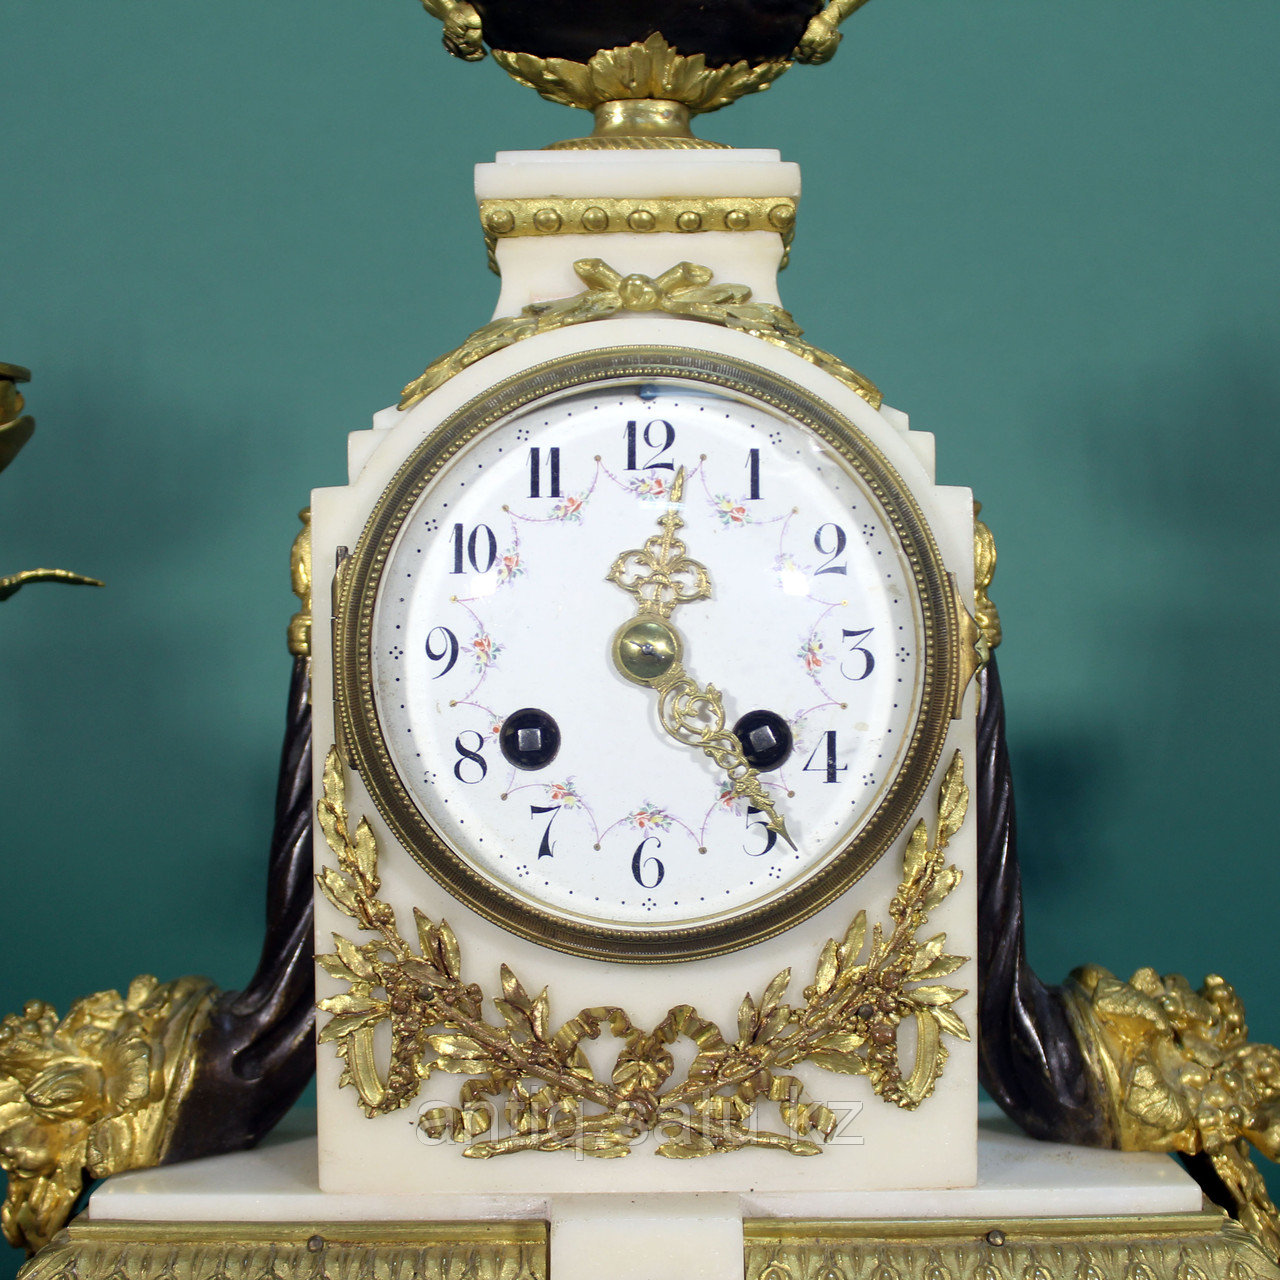 Часовой гарнитур в стиле Людовика XVI Франция. II половина XIX века - фото 3